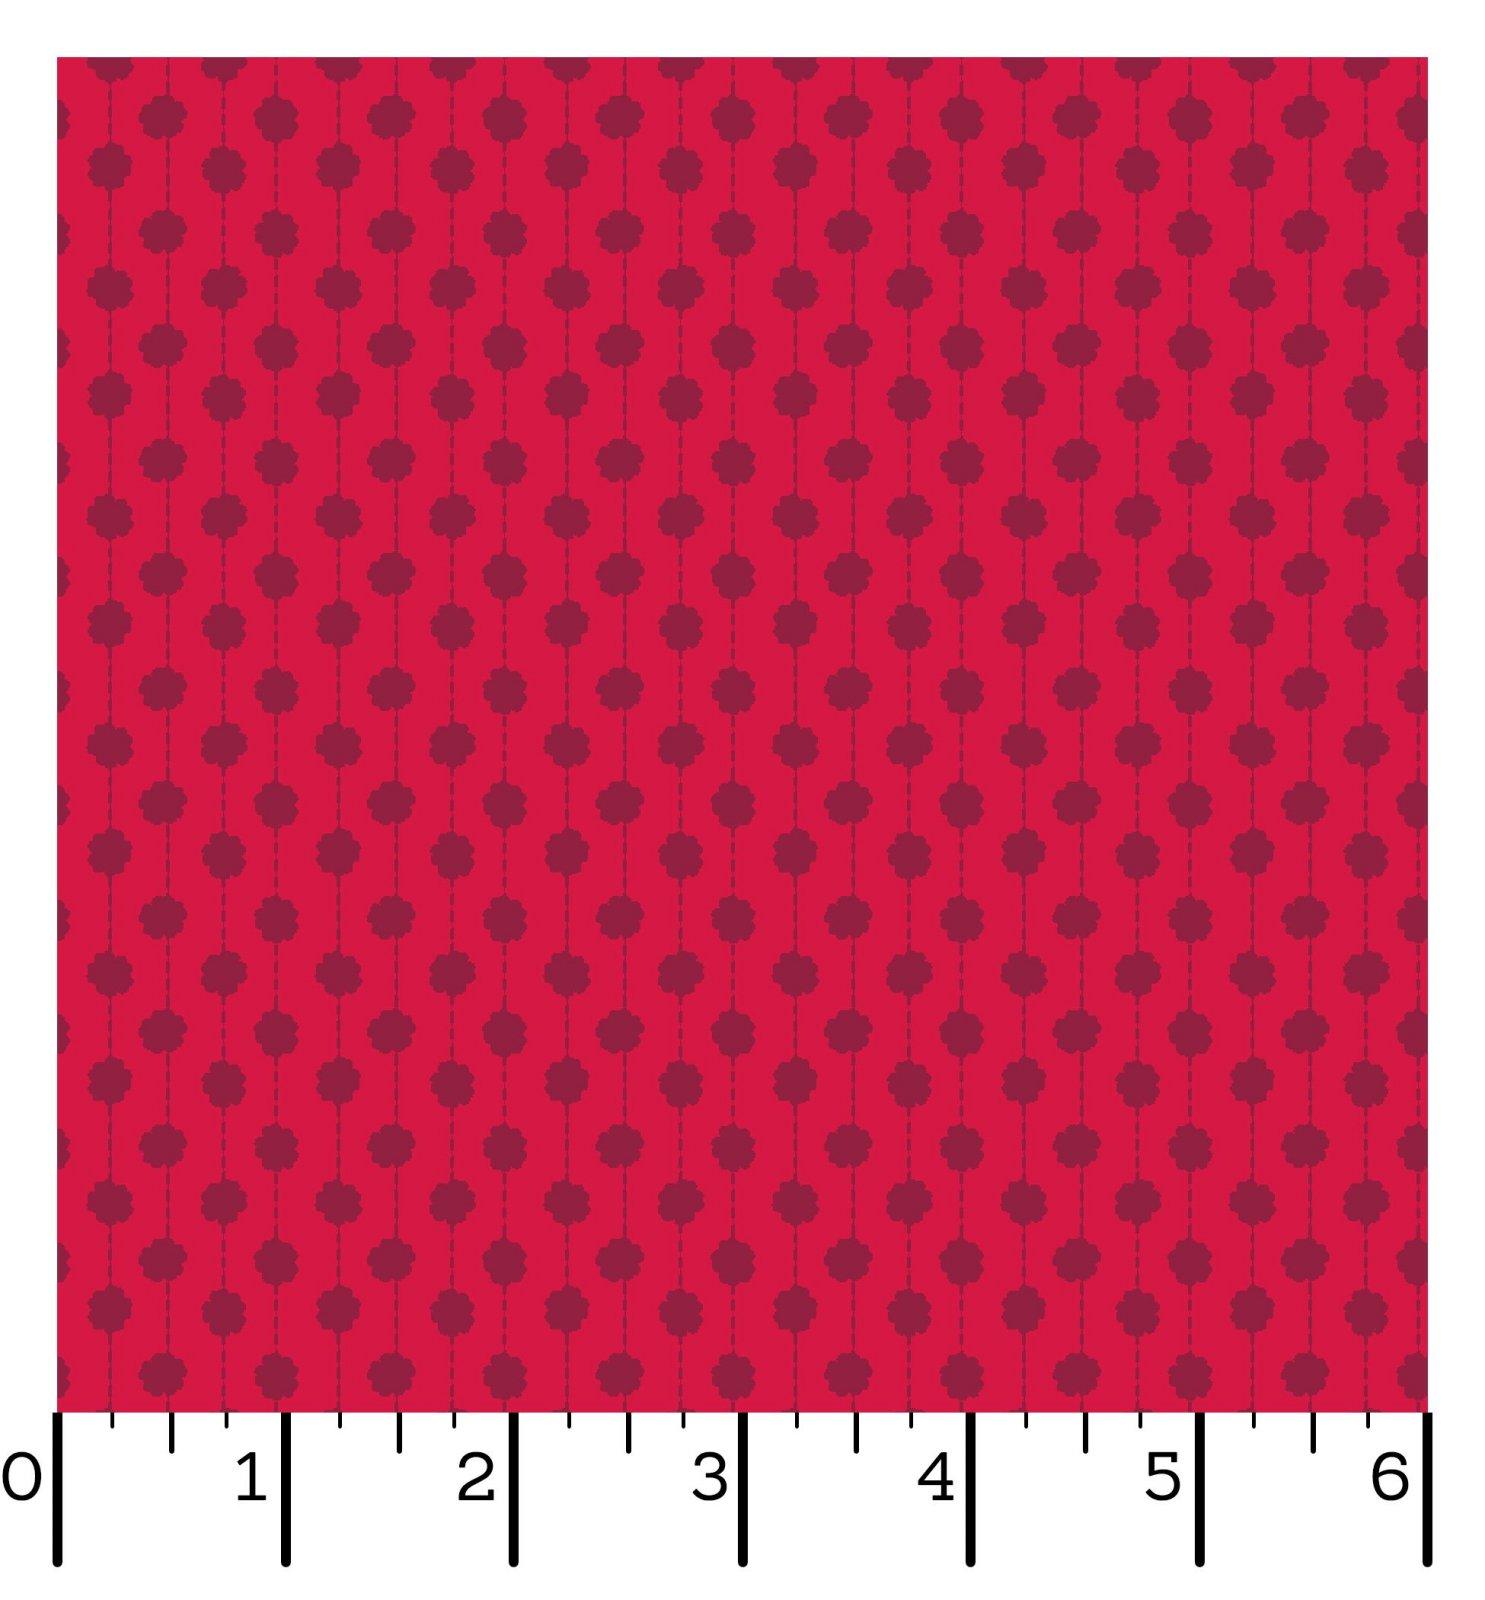 EESC-10015 R - SWEET BEGINNINGS BY JERA BRANDVIG DOT STRIPE RED - ARRIVING IN JUNE 2021